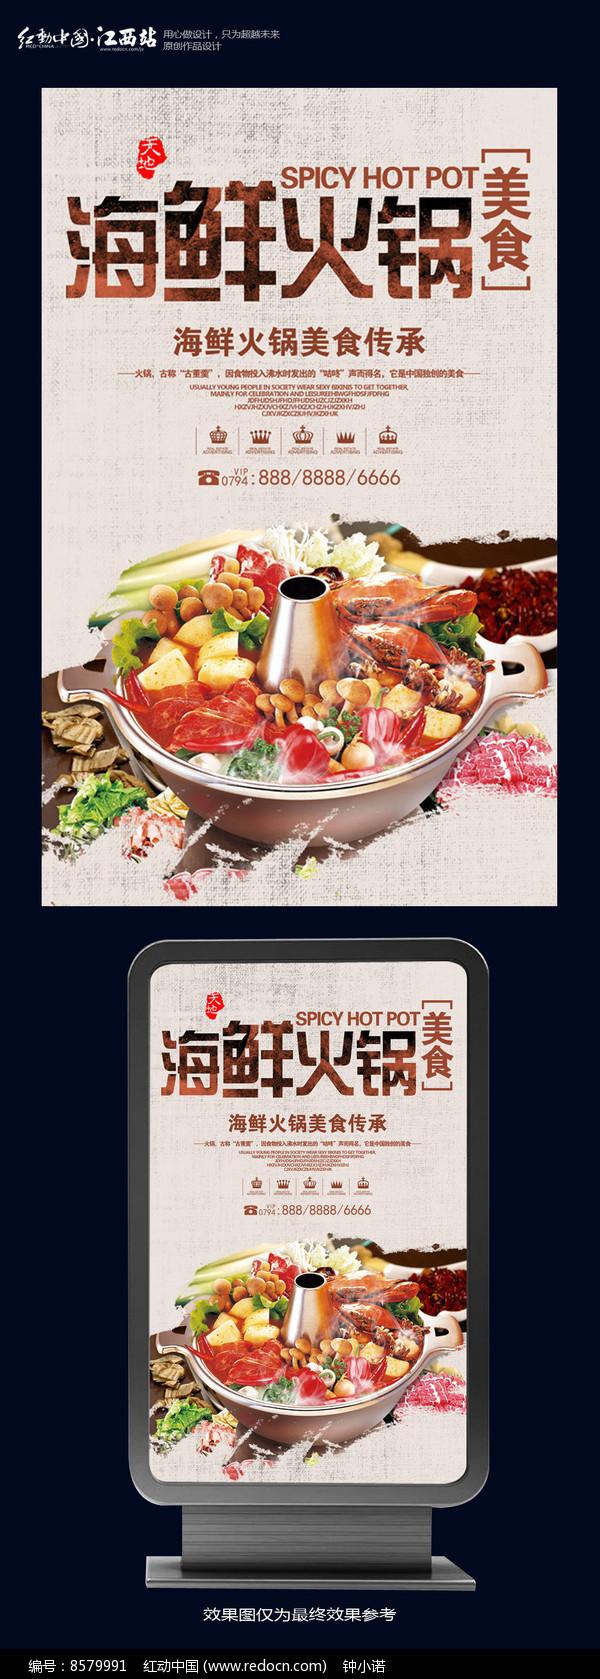 海鲜火锅海报设计图片